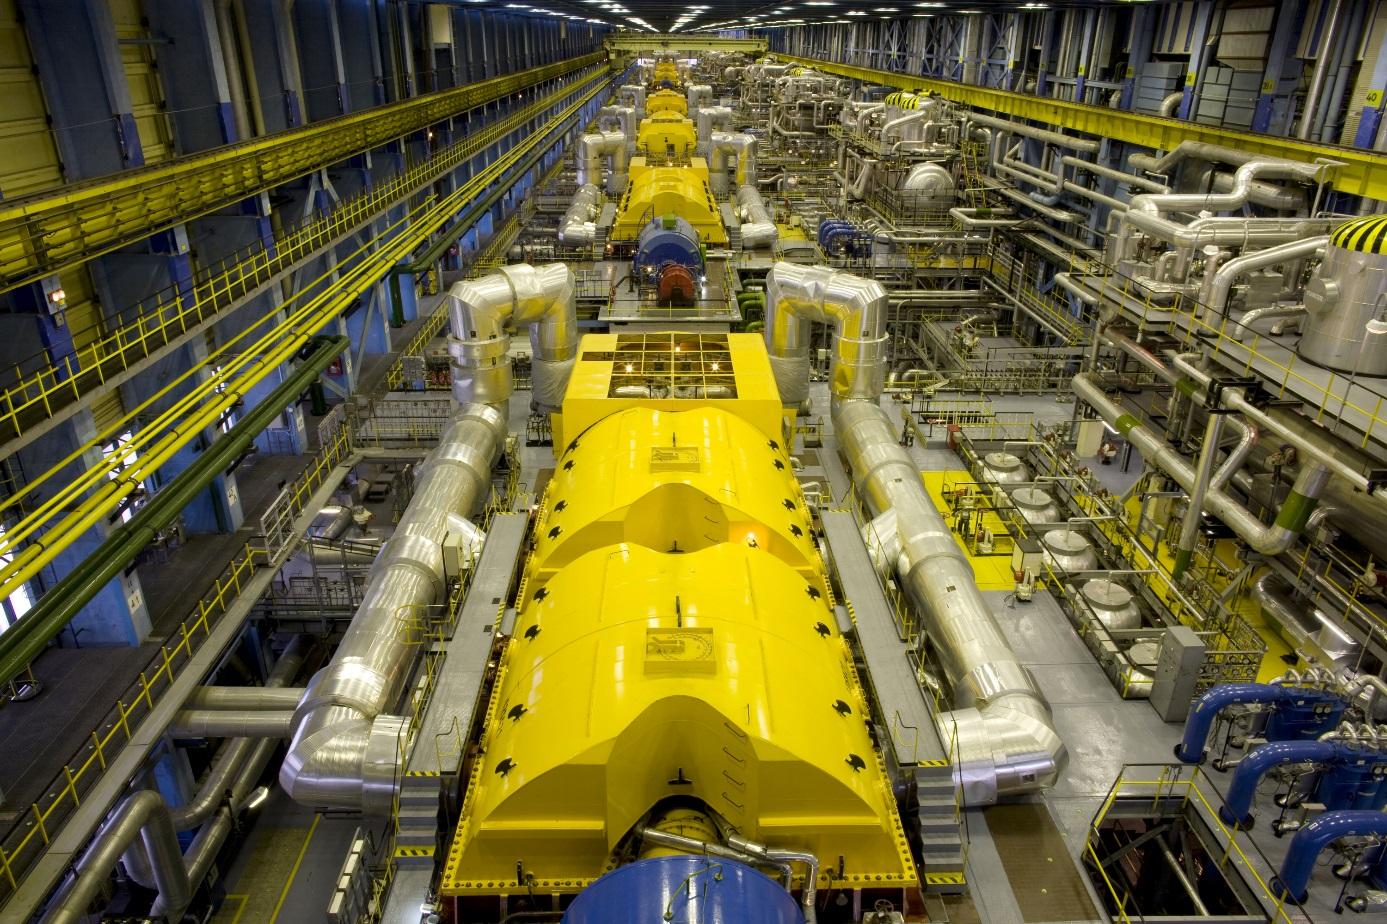 Maďarsko získává okolo 50 % elektřiny z jádra i díky modernizaci čtyř bloků VVER440 v jaderné elektrárně Paks. Na obrázku jsou nové turbíny (zdroj Alstom).